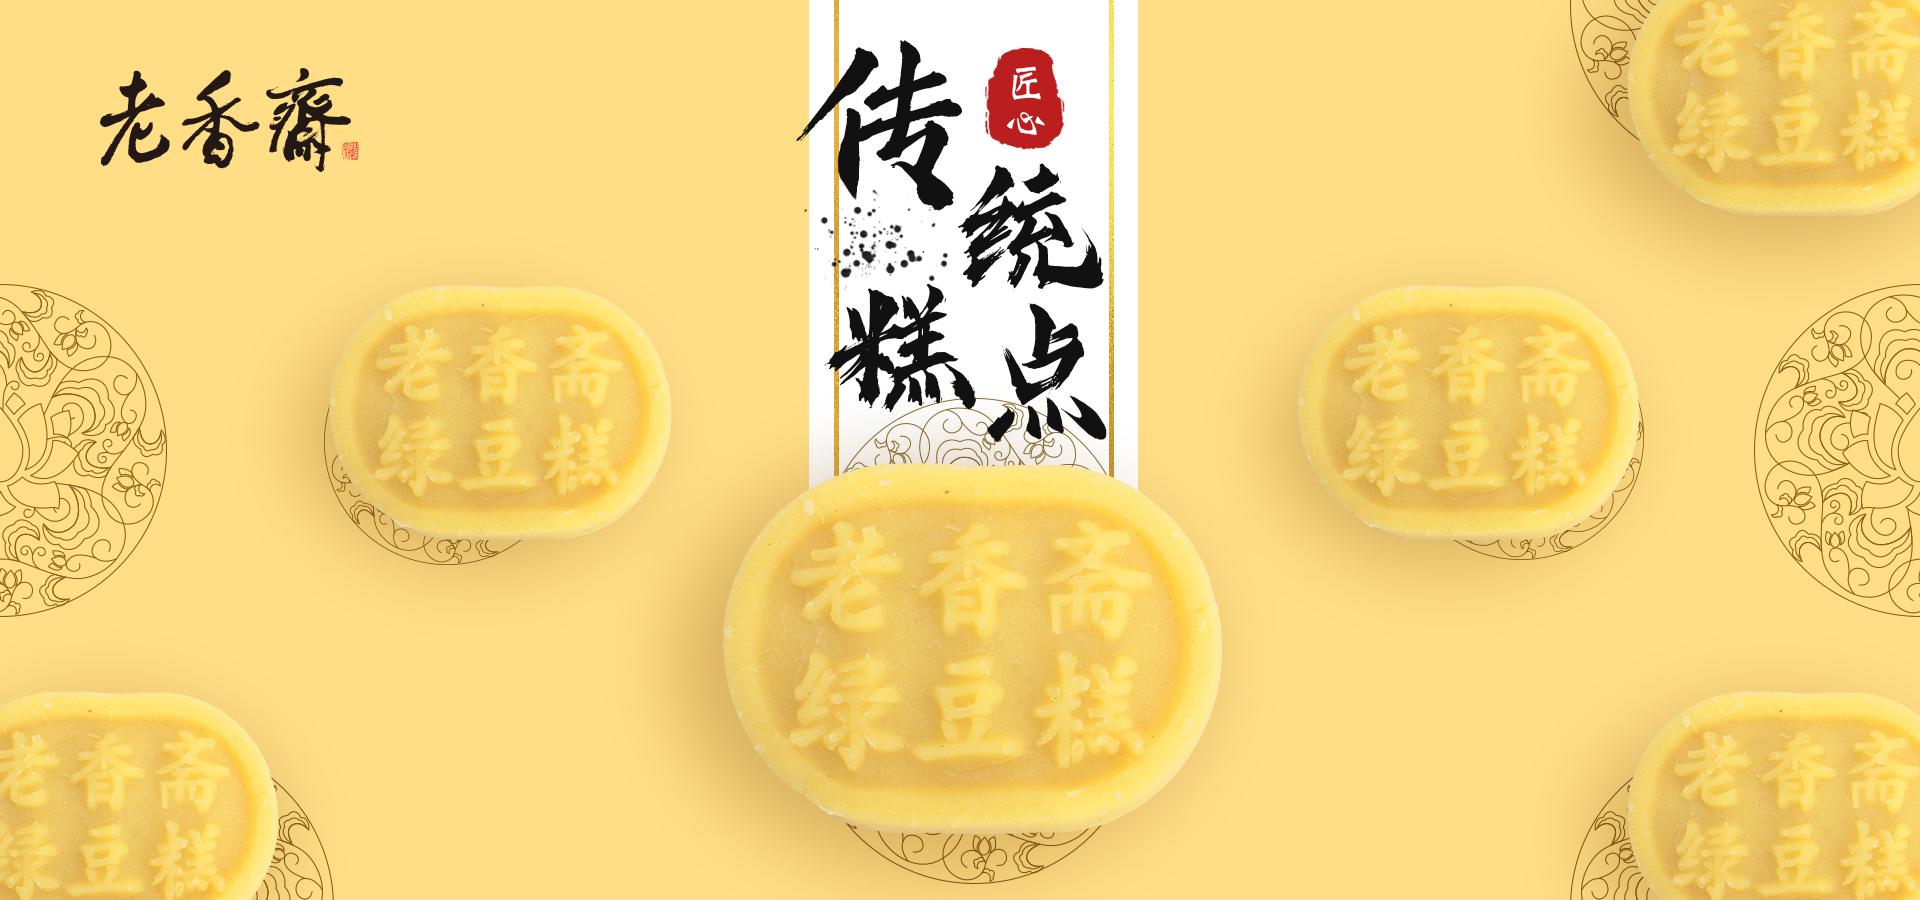 上海澳莉嘉食品有限公司